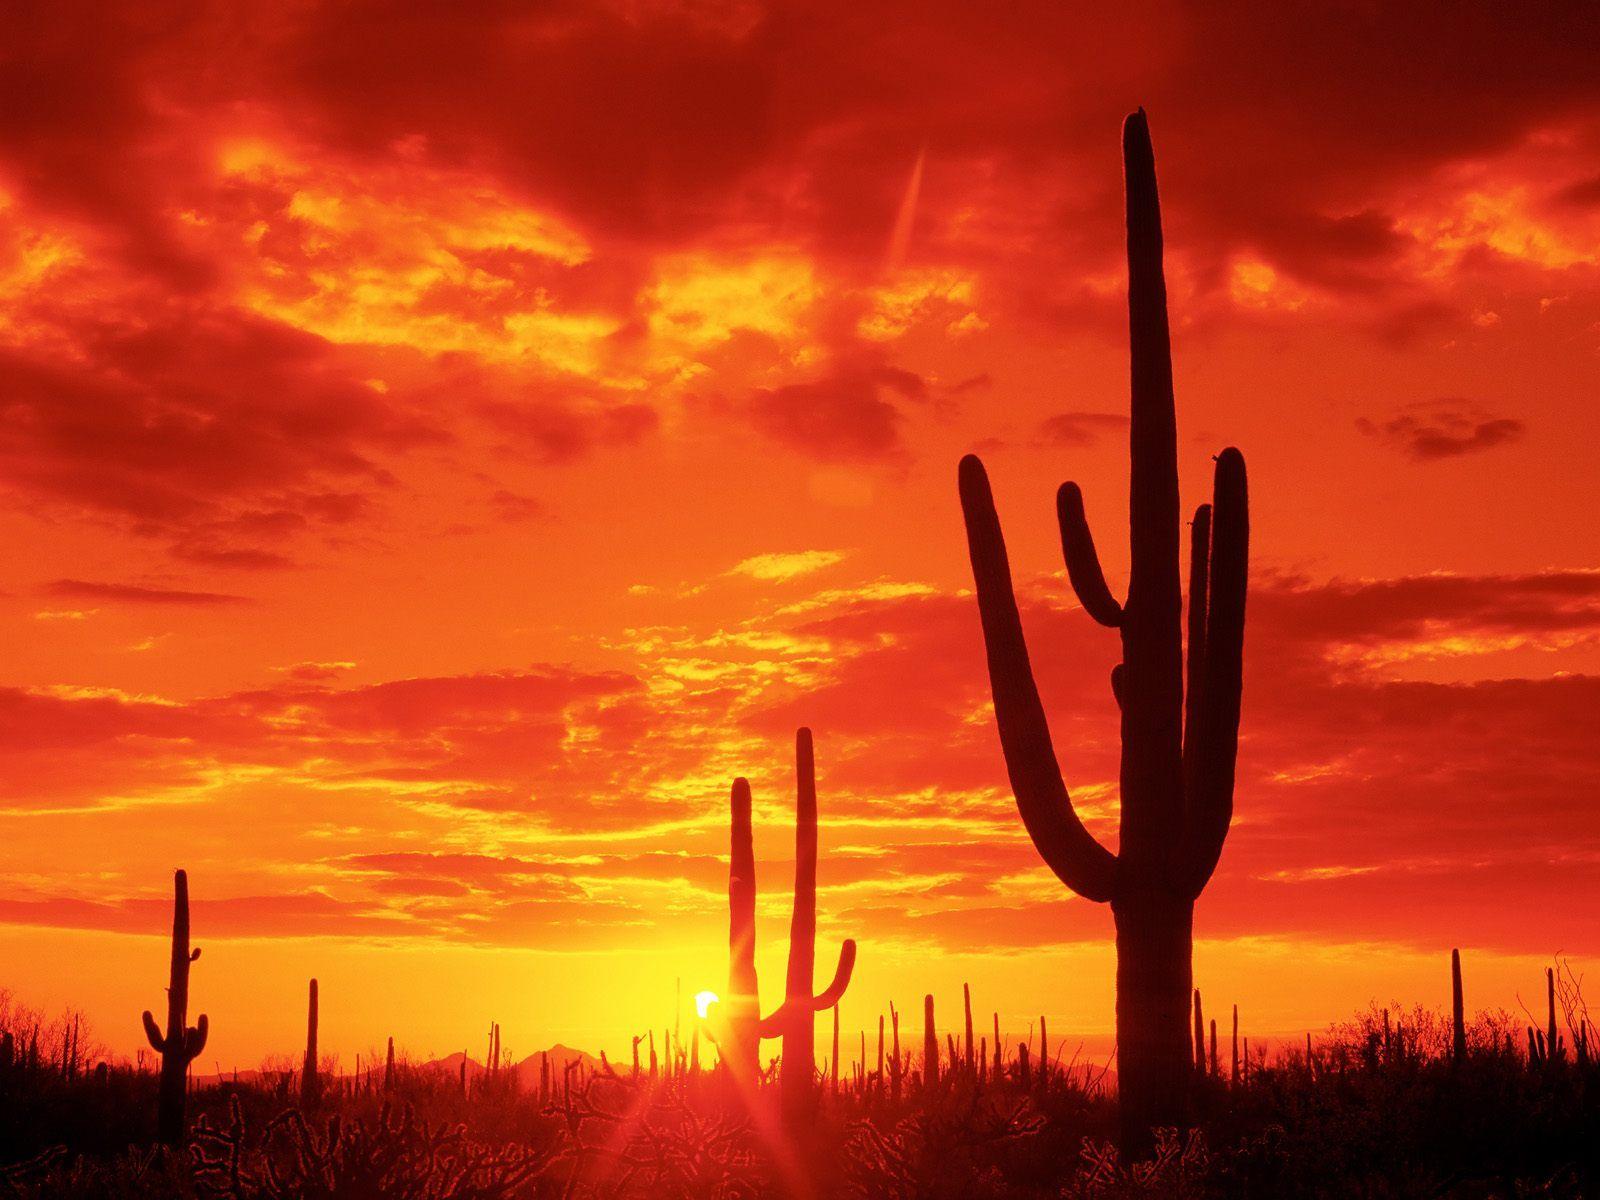 University Of Arizona Desktop Wallpapers 1600x1200